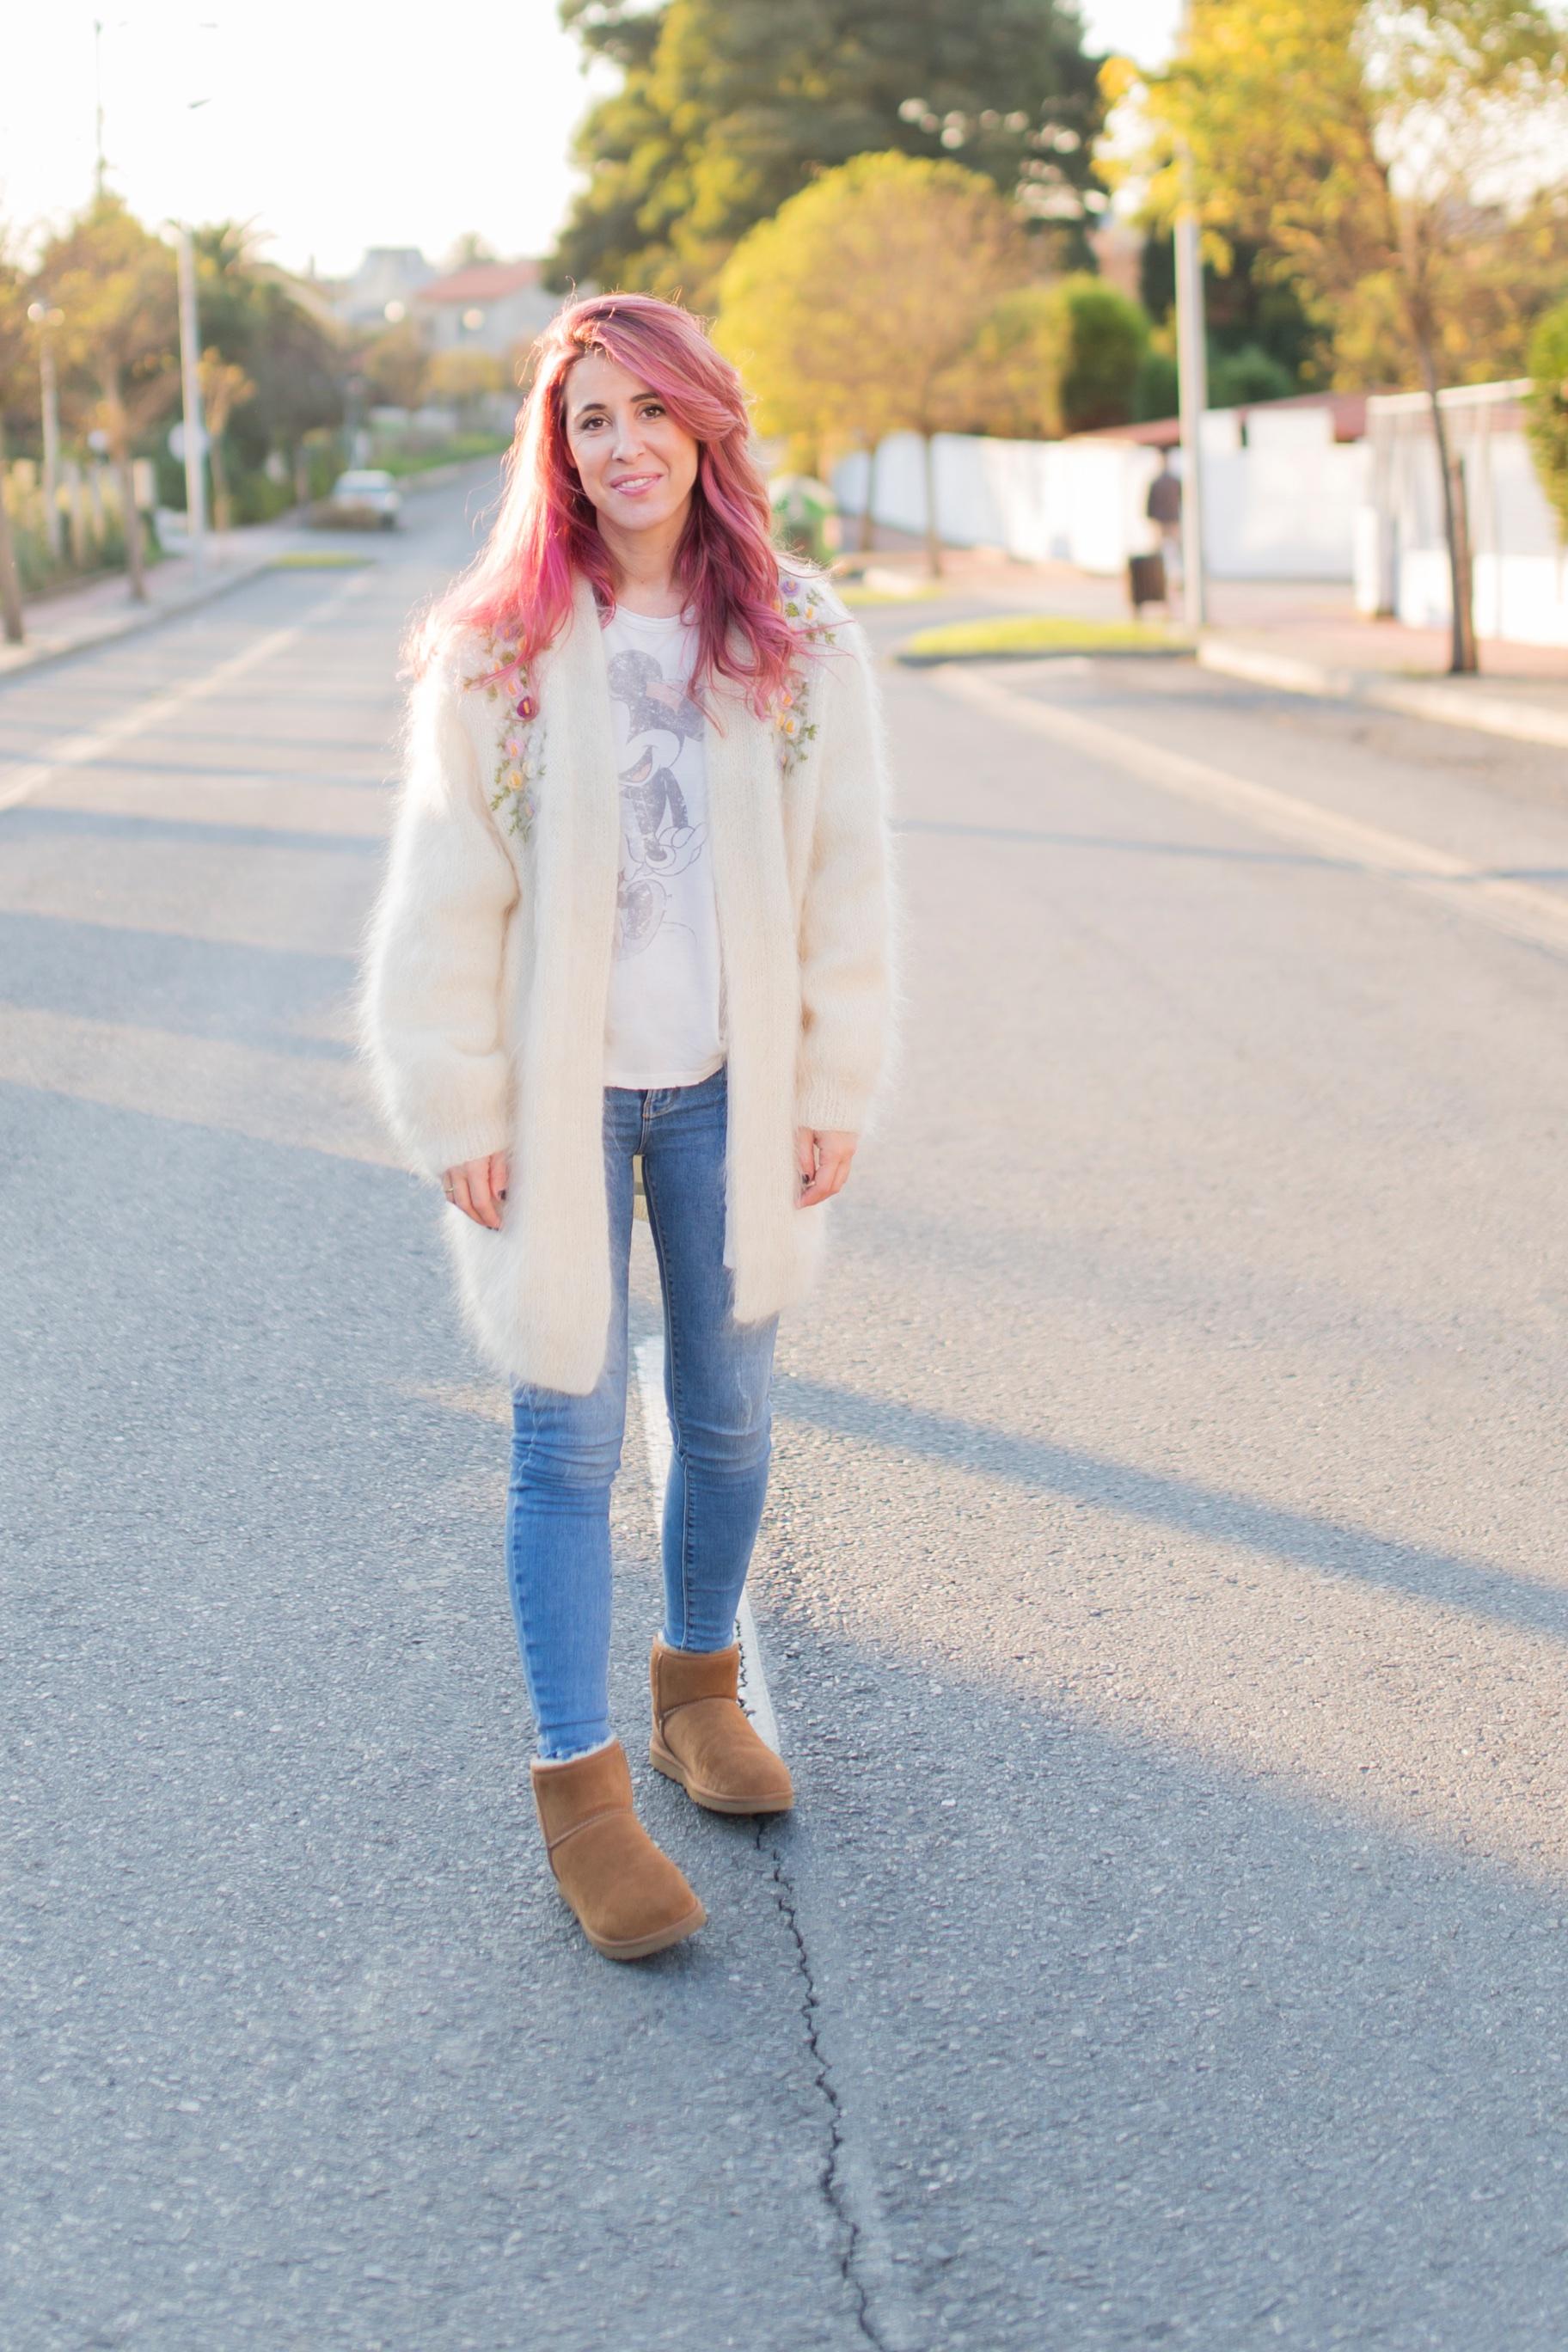 alba-coruña-mohair-vitagecoffee-ugg-moda-descalzaporelparque-descalza-look-pink hair